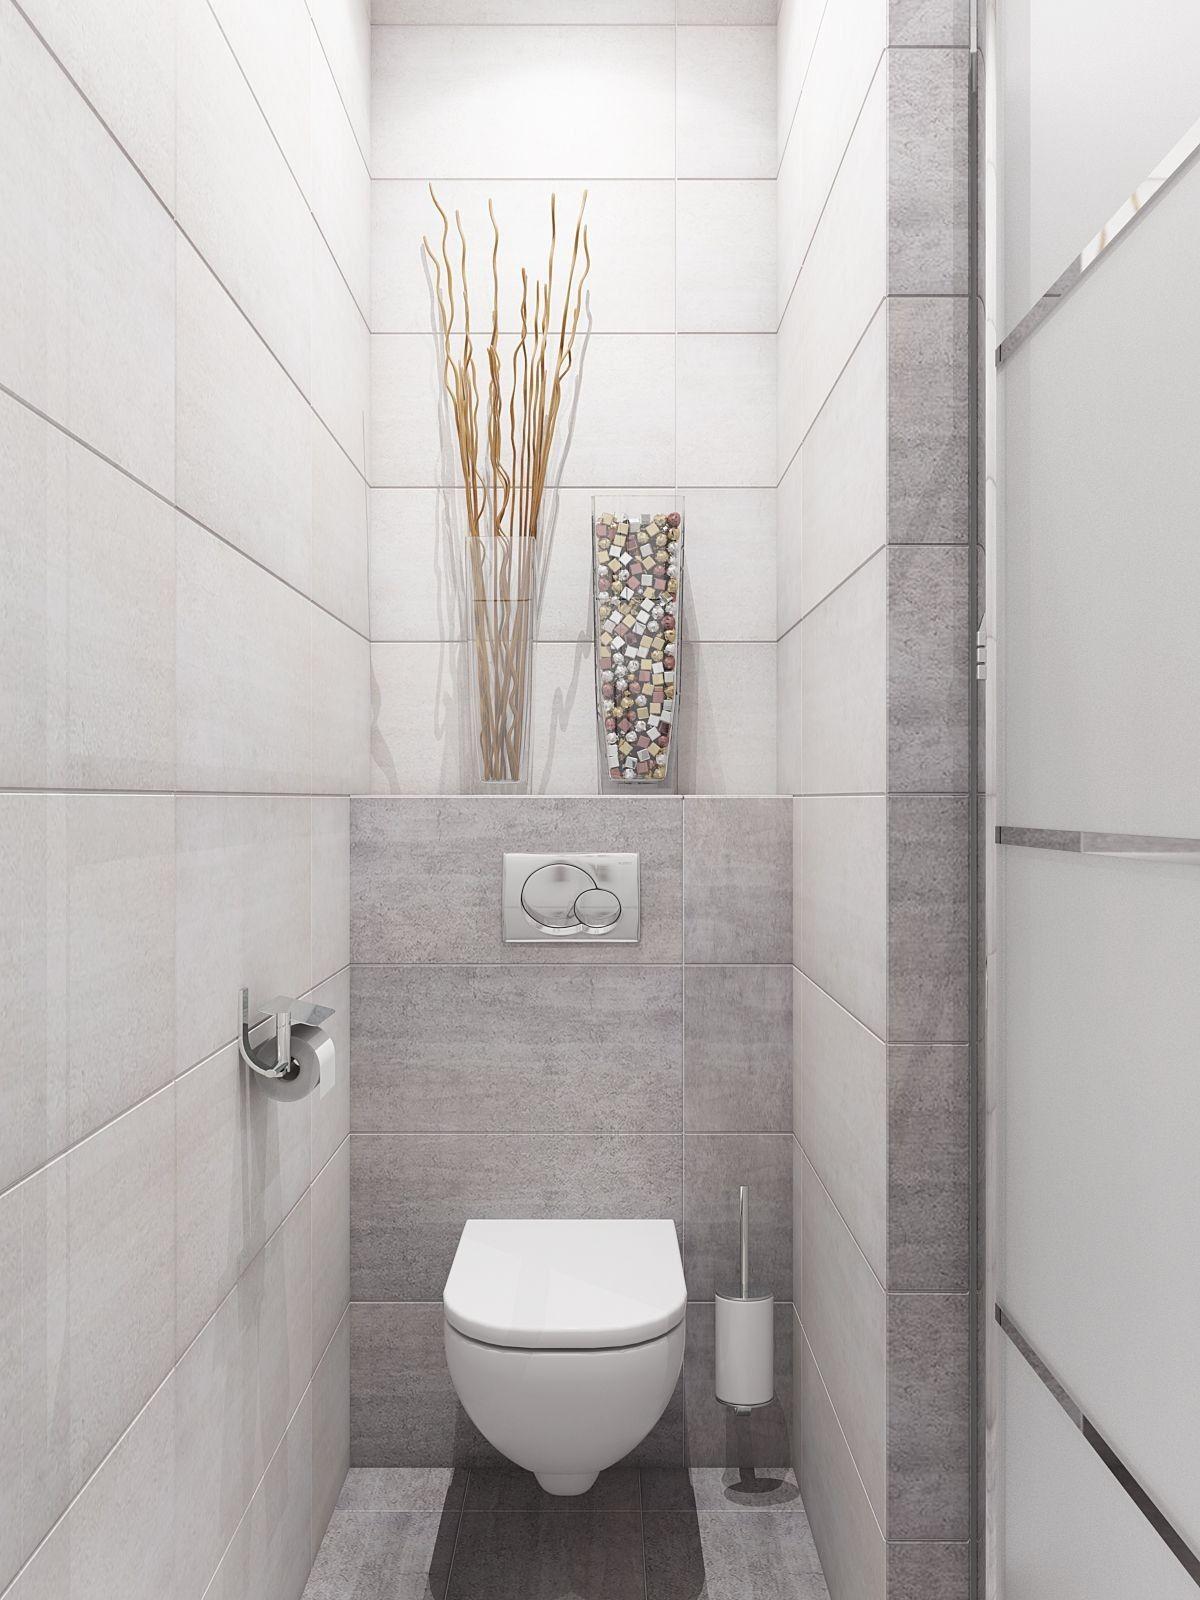 wc raum deko ideen  wcdesign